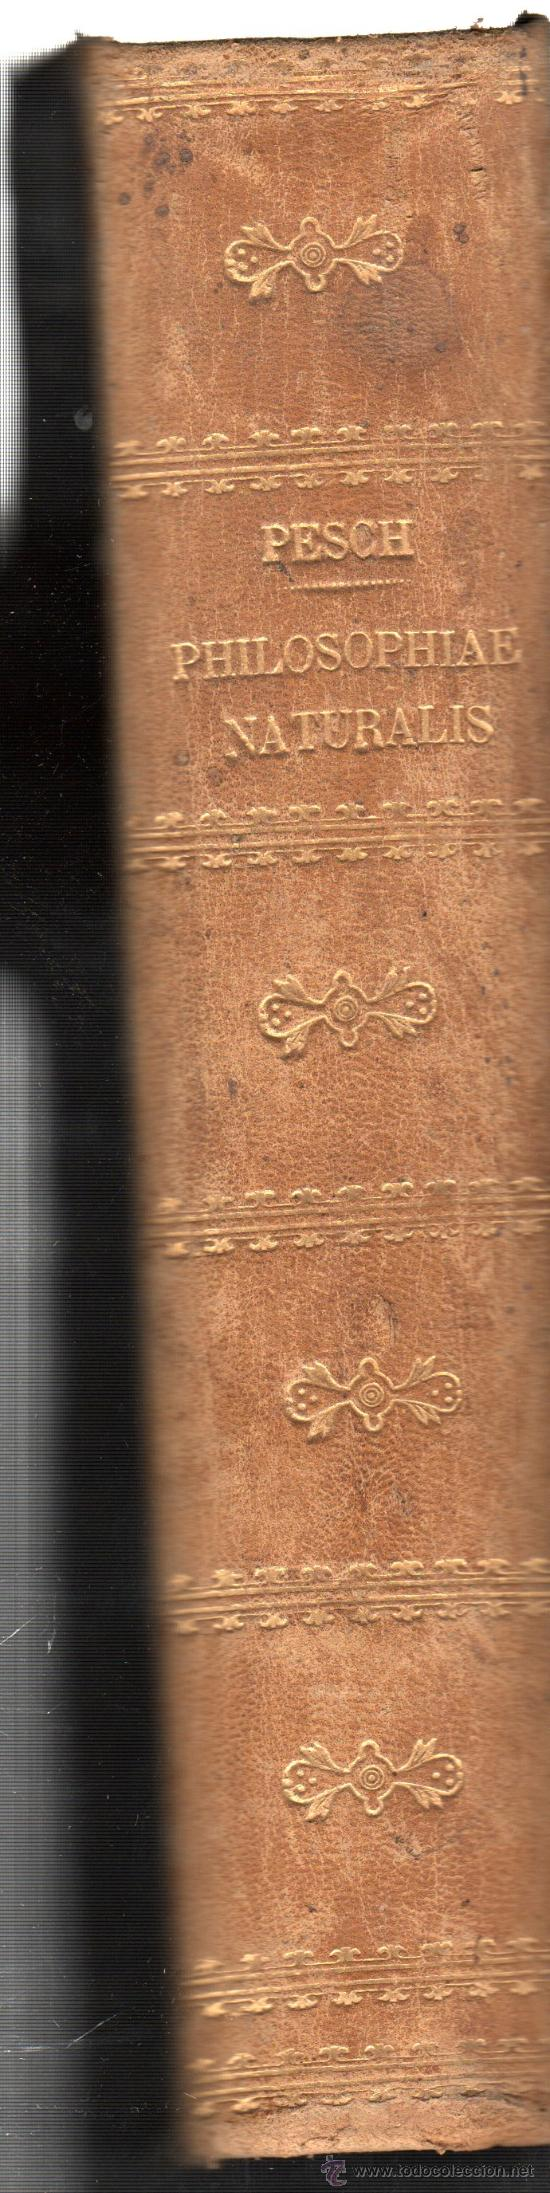 Libros antiguos: PHILOSOPHIAE NATURALIS SECUNDUM PRINCIPIA THOMAE AQUINATIS,FRIBURGI BRISGOVIAE SUMPTIBUS HERDER,1880 - Foto 3 - 30010997